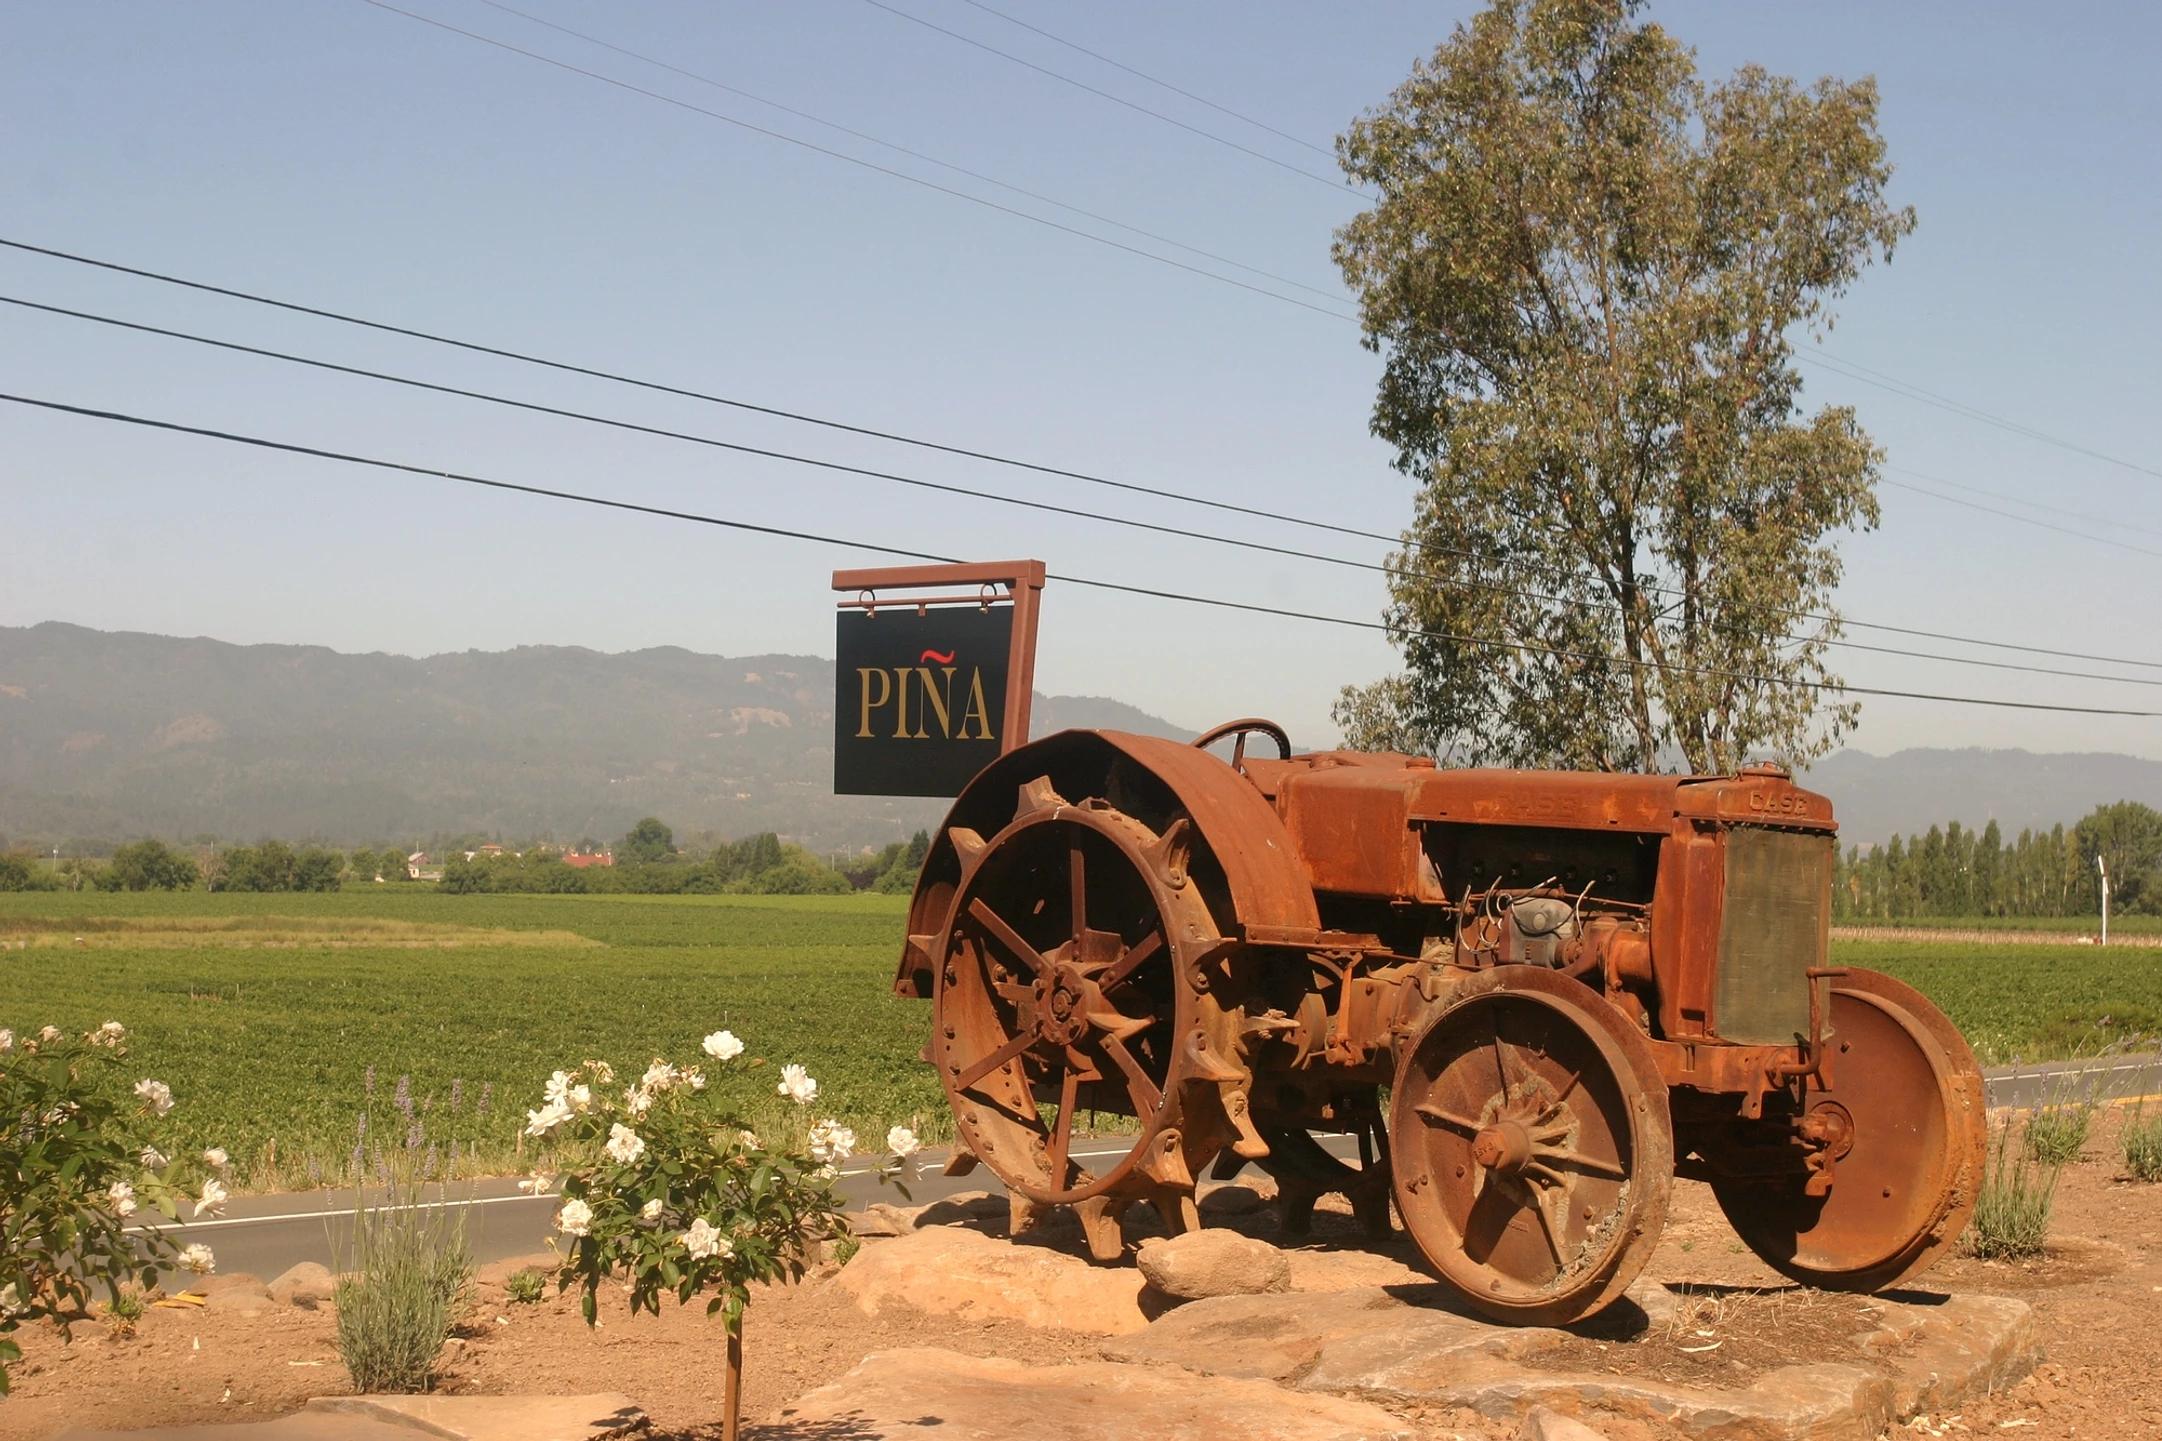 Pina Valley